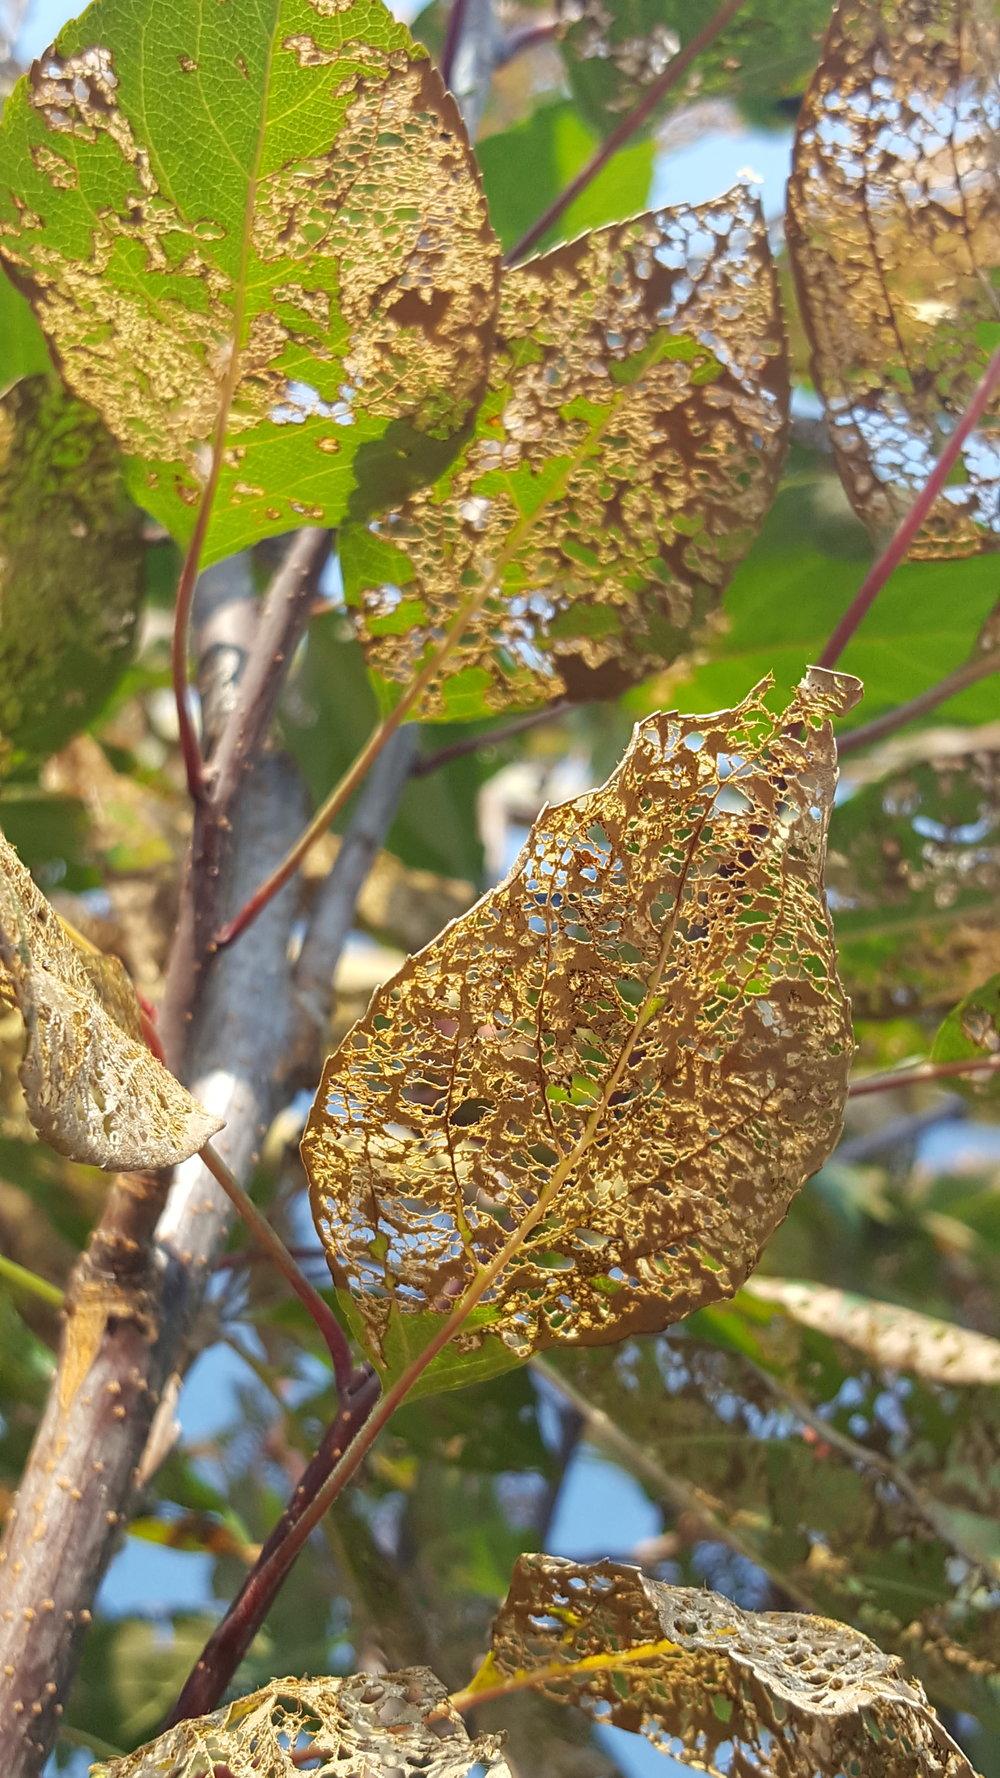 Japanese Beetle Damage on a Crab Apple Tree